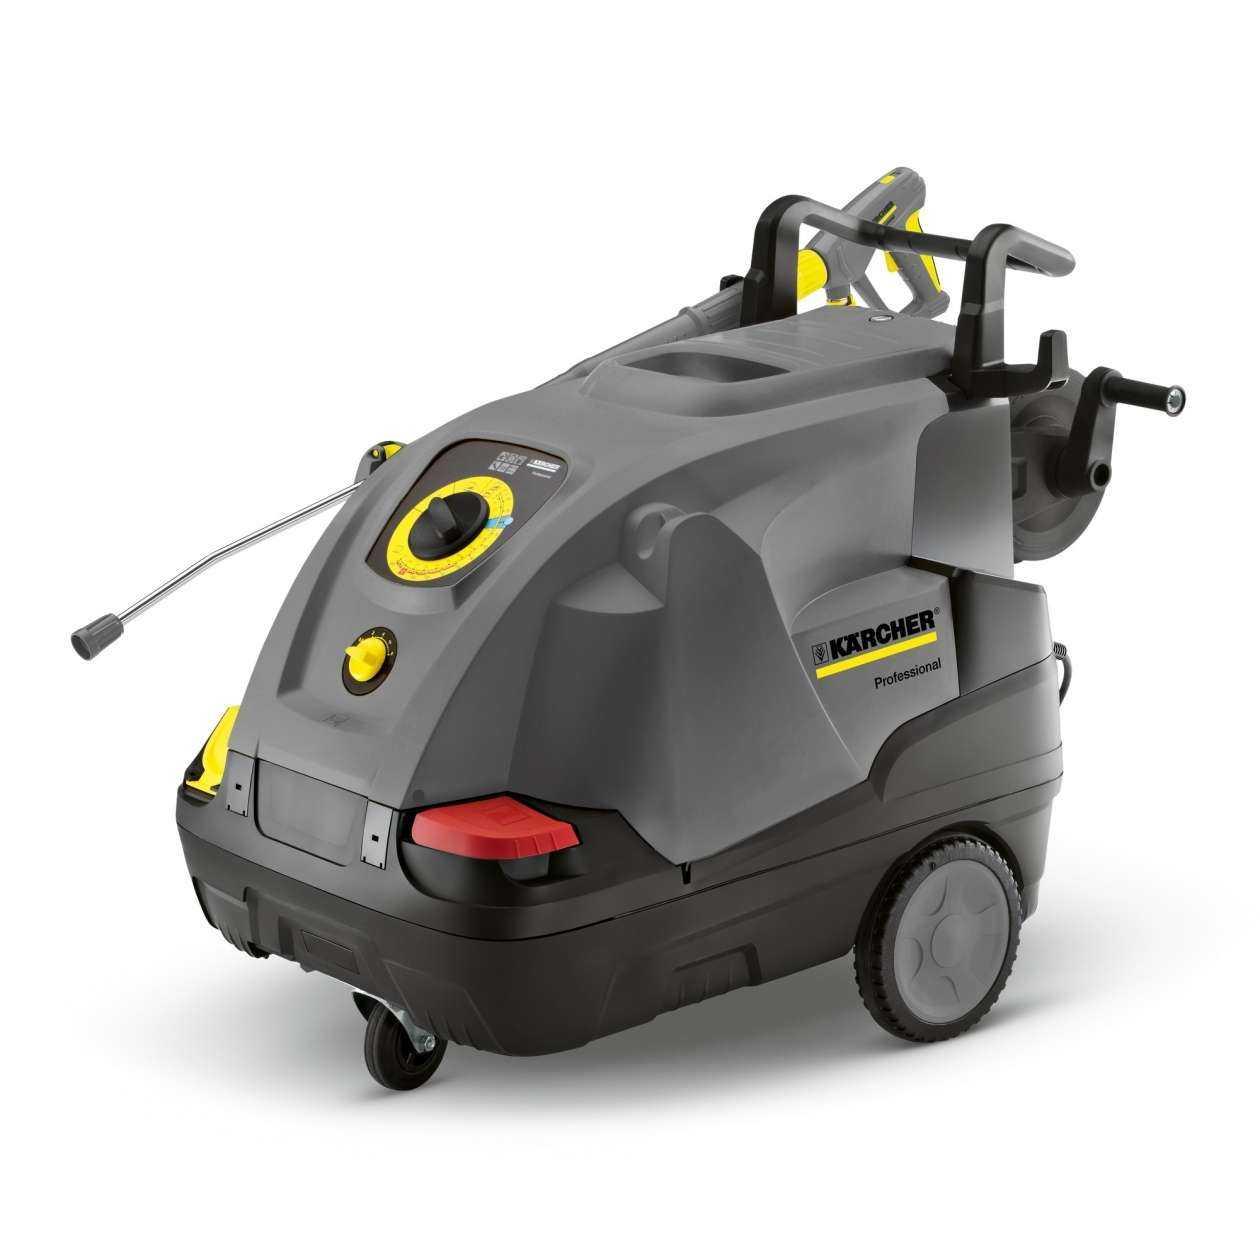 karcher hds7 16cx enrouleur nettoyeur hp eau chaude 160bar. Black Bedroom Furniture Sets. Home Design Ideas